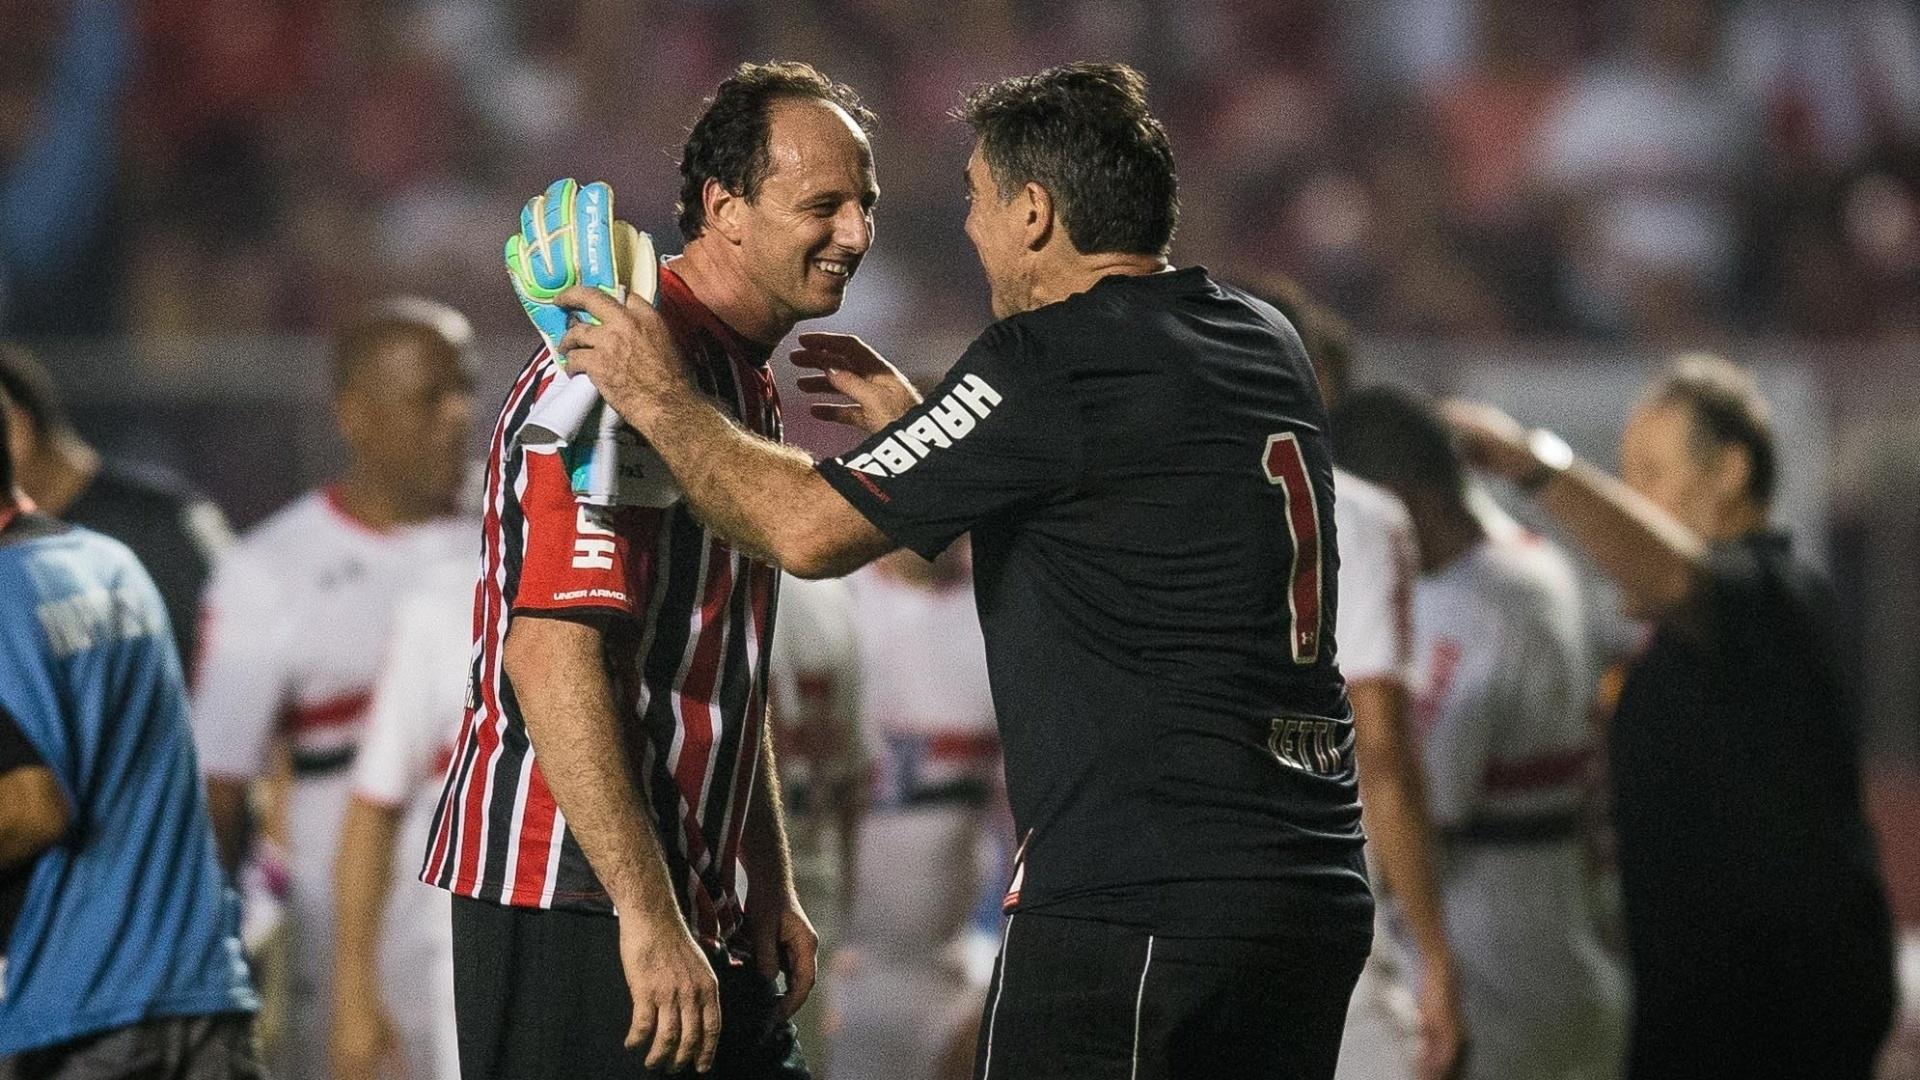 Rogério Ceni e Zetti, ídolos do São Paulo, se abraçam. Ambos marcaram gols na partida amistosa